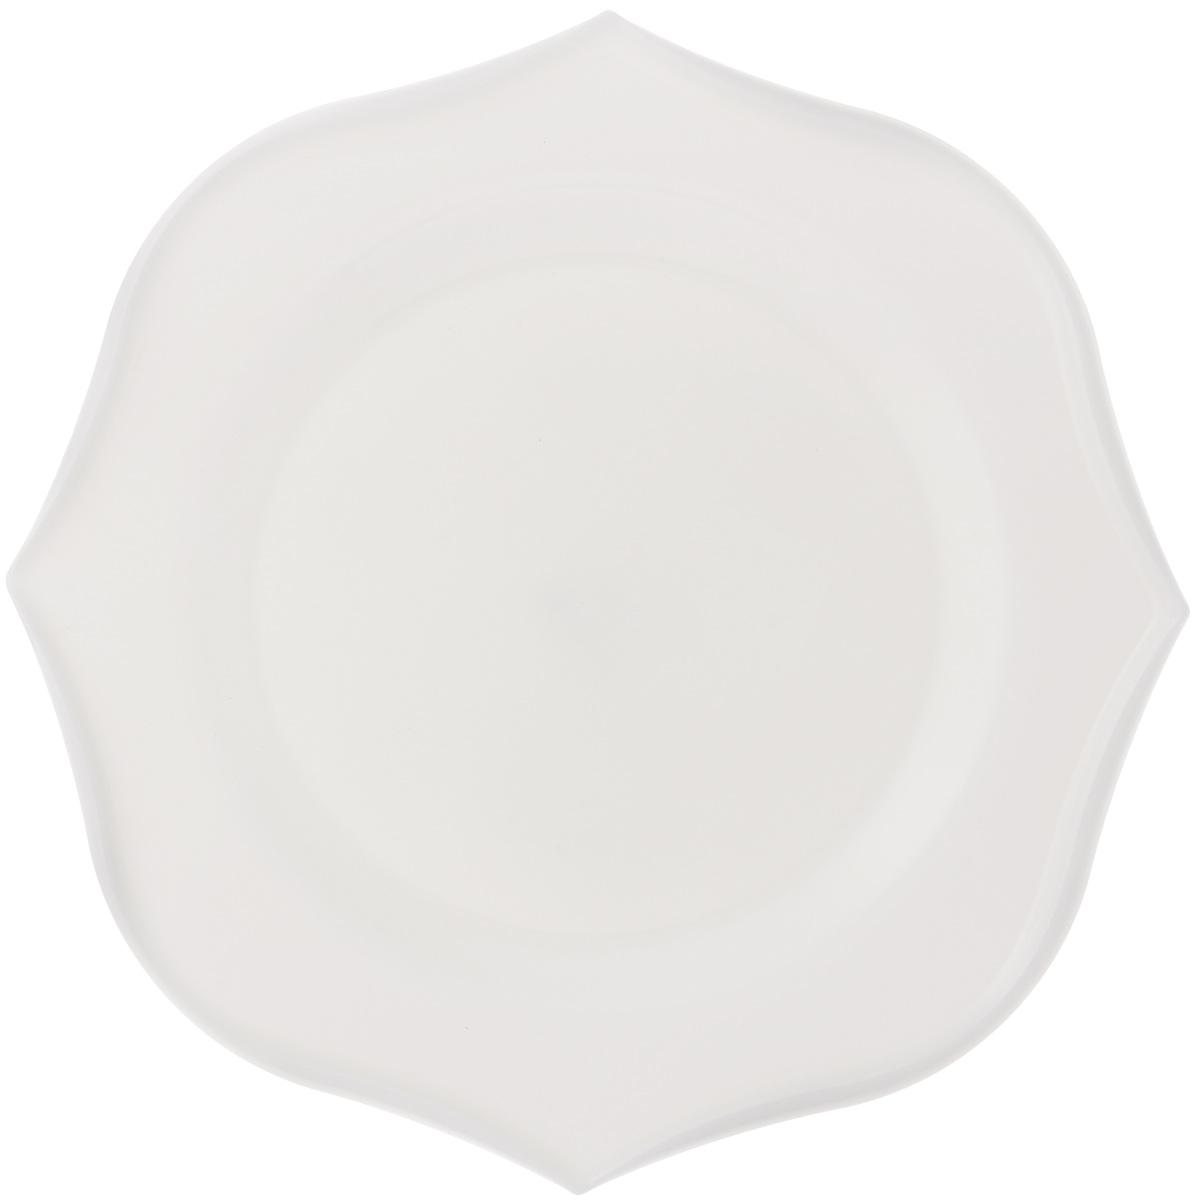 Тарелка обеденная Luminarc Louisa, 28,5 х 28,5 смJ1744Обеденная тарелка Luminarc Louisa, изготовленная из высококачественного стекла, имеет изысканный внешний вид. Яркий дизайн придется по вкусу и ценителям классики, и тем, кто предпочитает утонченность. Тарелка Luminarc Louisa идеально подойдет для сервировки вторых блюд из птицы, рыбы, мяса или овощей, а также станет отличным подарком к любому празднику. Размер тарелки (по верхнему краю): 28,5 х 28,5 см.